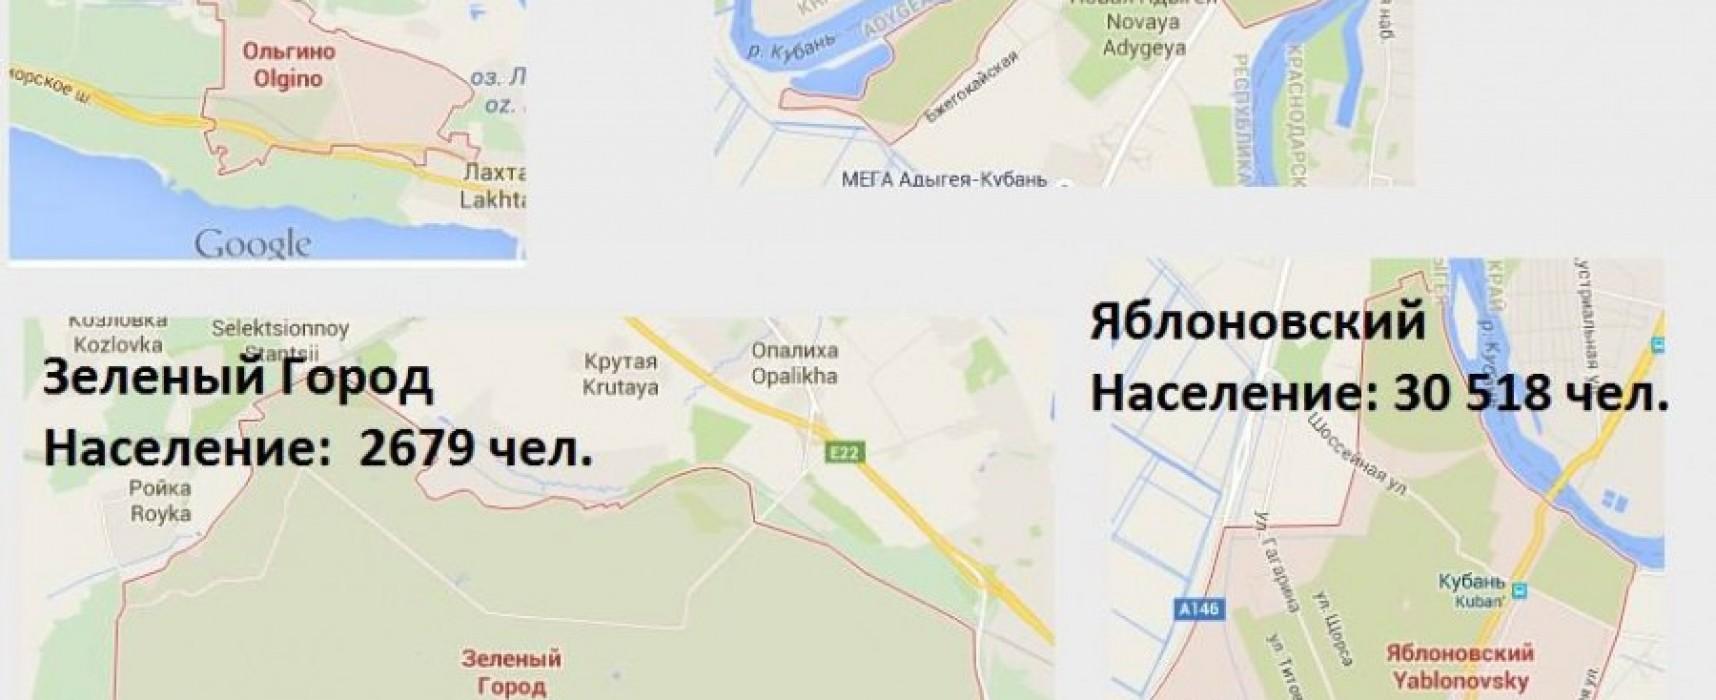 Google выдал логово кремлевских троллей